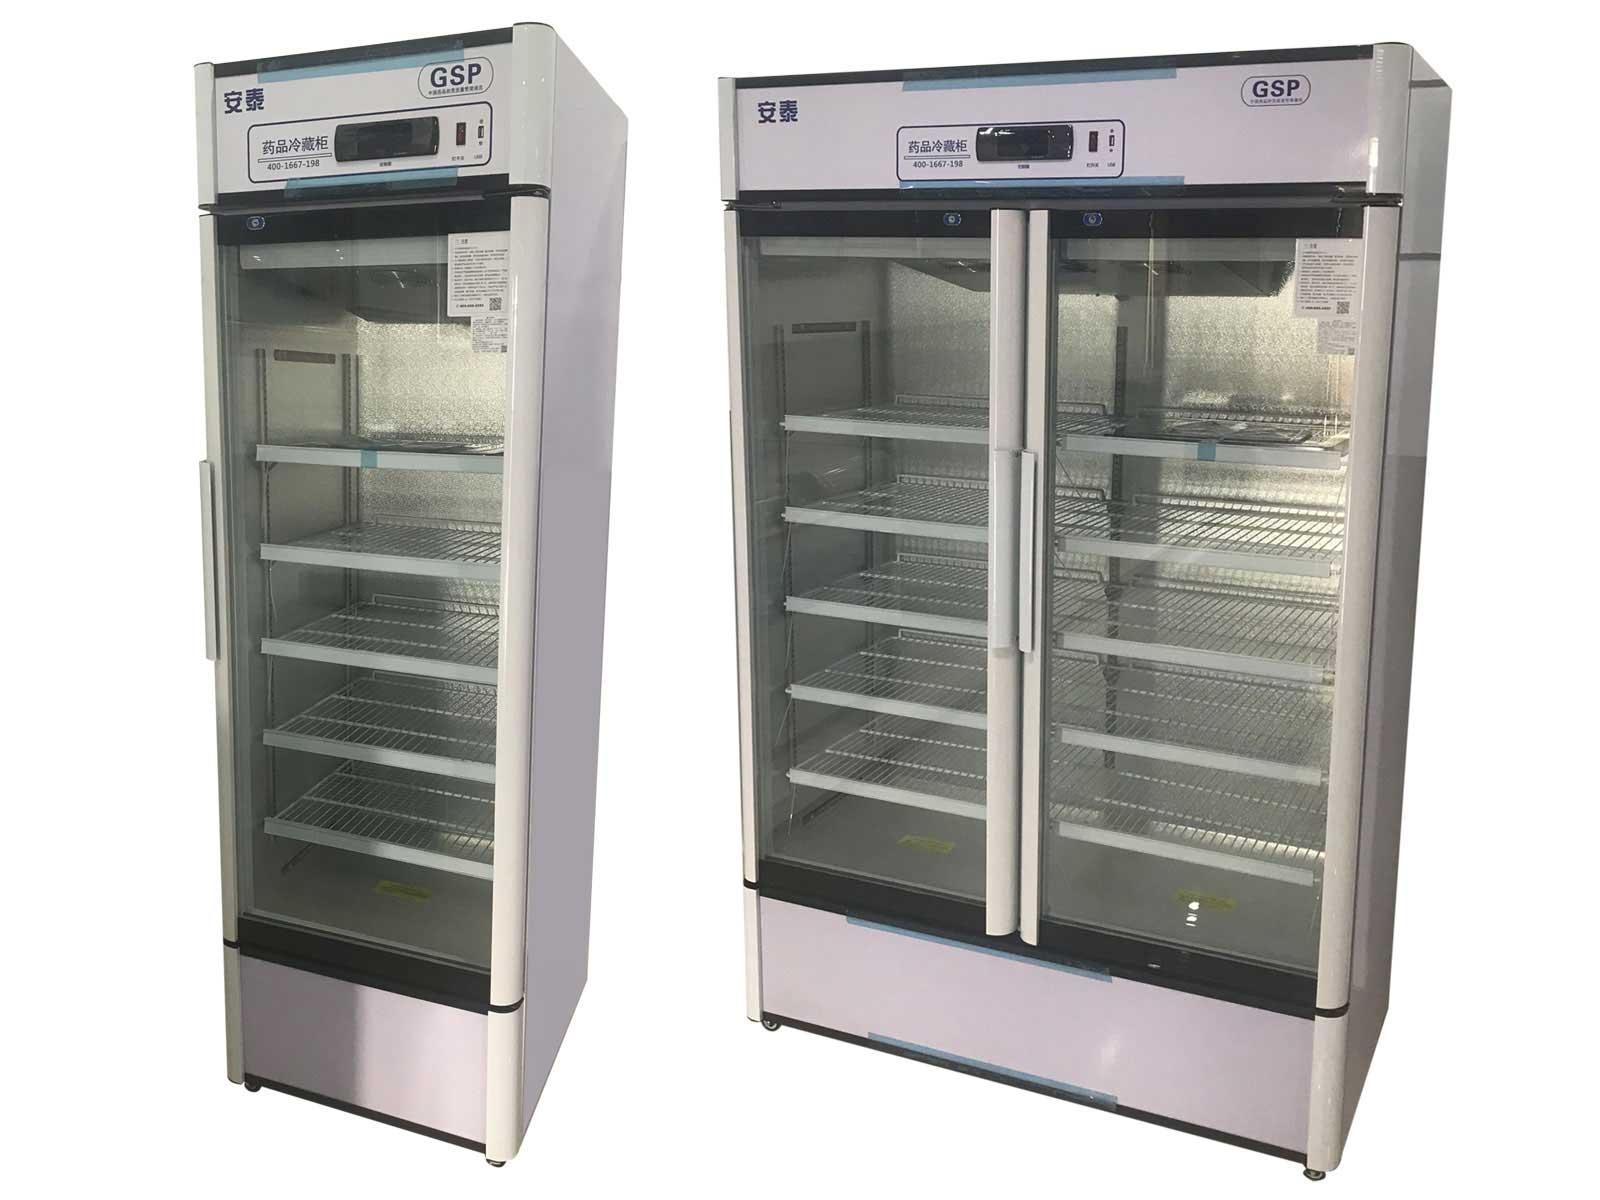 生物材料超低溫設備哪個牌子好-威海高性價超低溫冷柜_廠家直銷